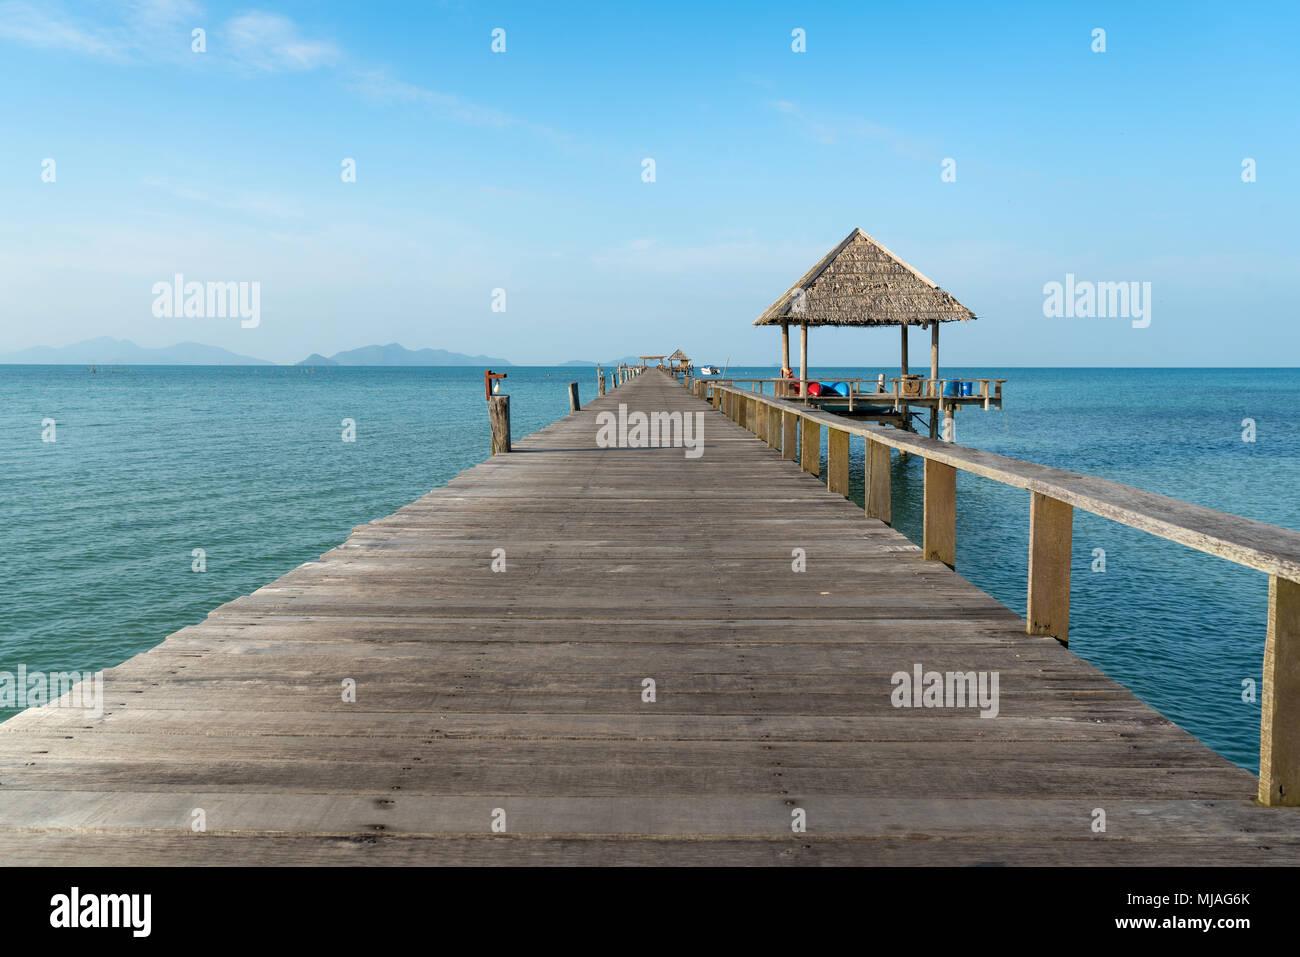 Jetée en bois entre le coucher du soleil à Phuket, Thaïlande. L'été, les voyages, vacances et maison de vacances concept. Photo Stock